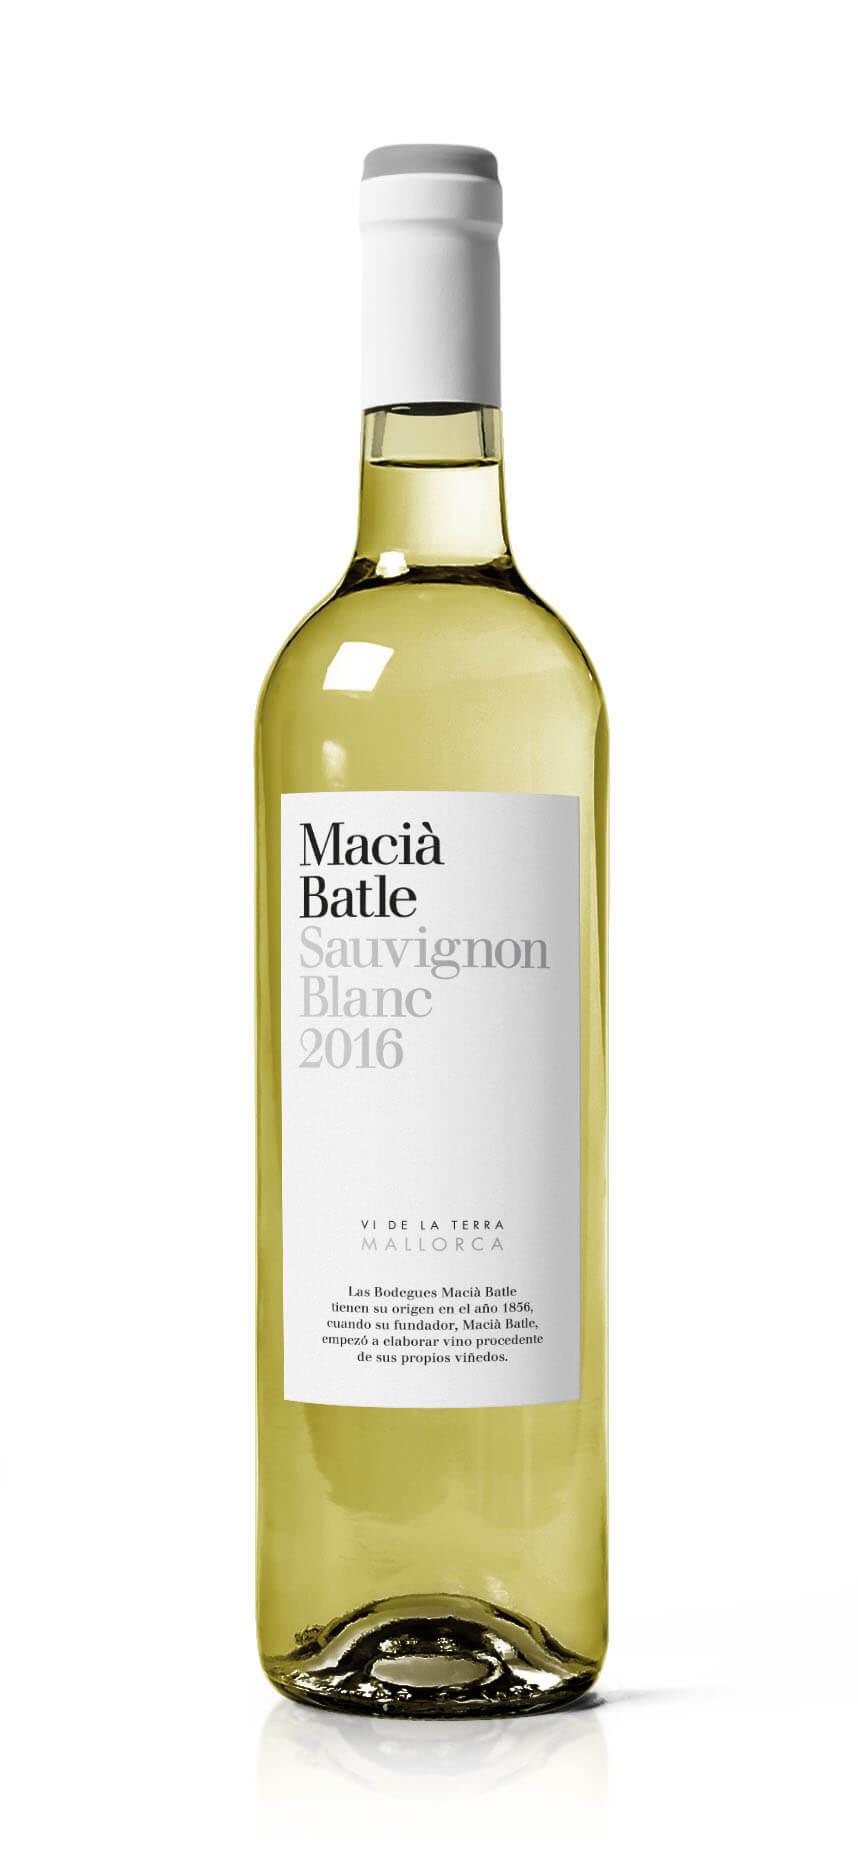 Sauvignon Blanc vino mallorquín